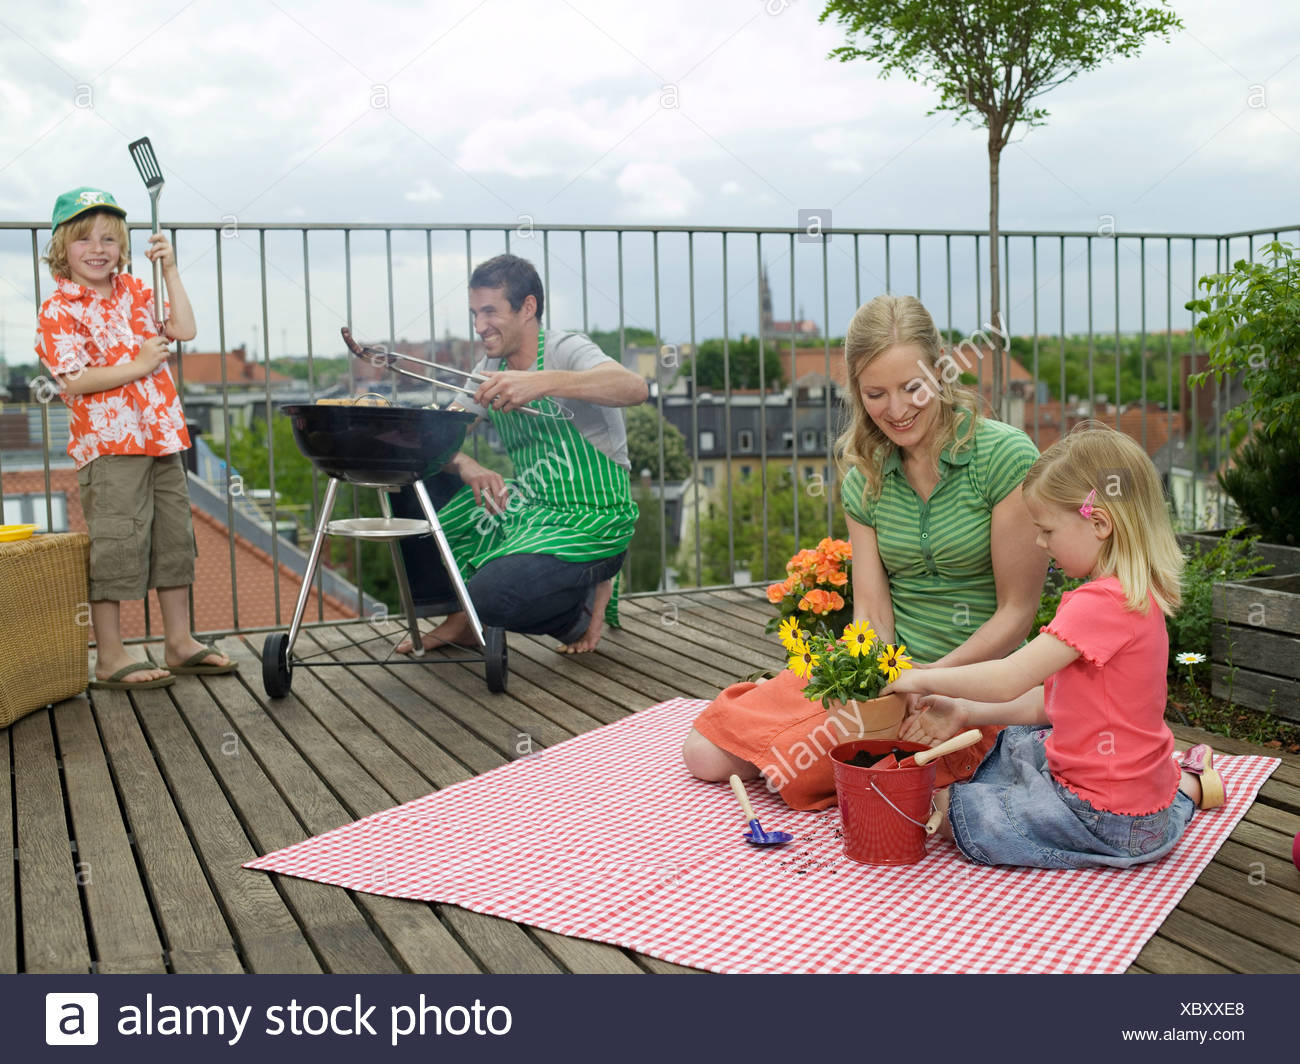 Sommerküche Zum Vorbereiten : Familie auf balkon vater grill vorbereiten stockfoto bild